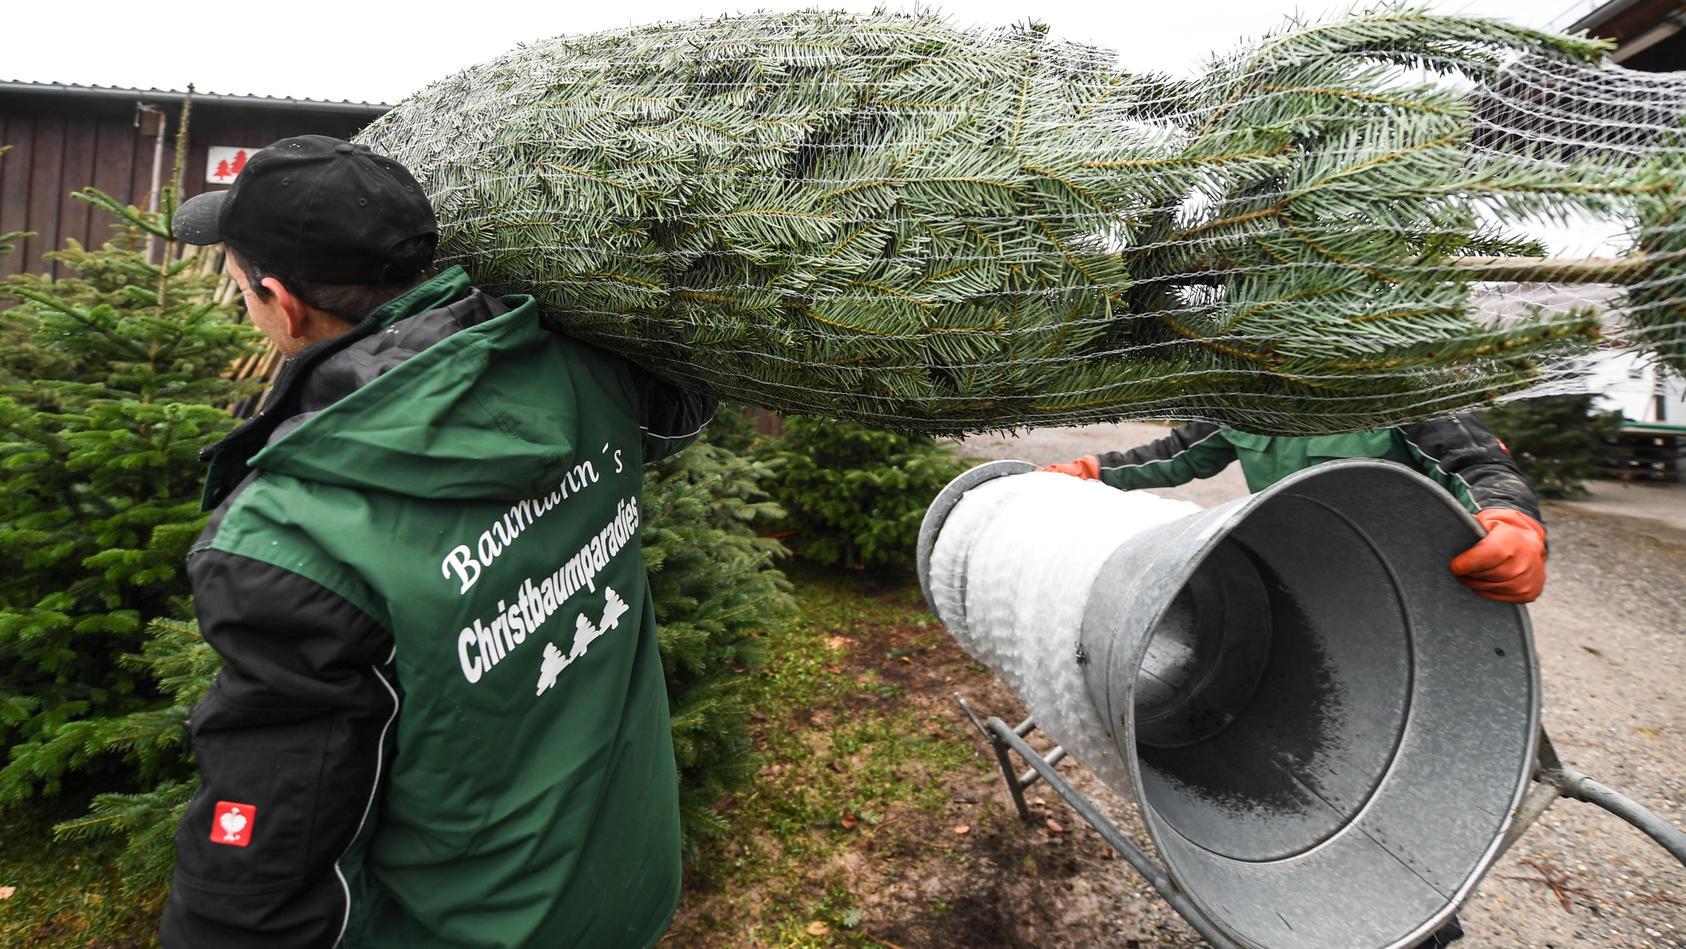 In Deutschland gibt es vier verschiedene Steuersätze für Weihnachtsbäume.